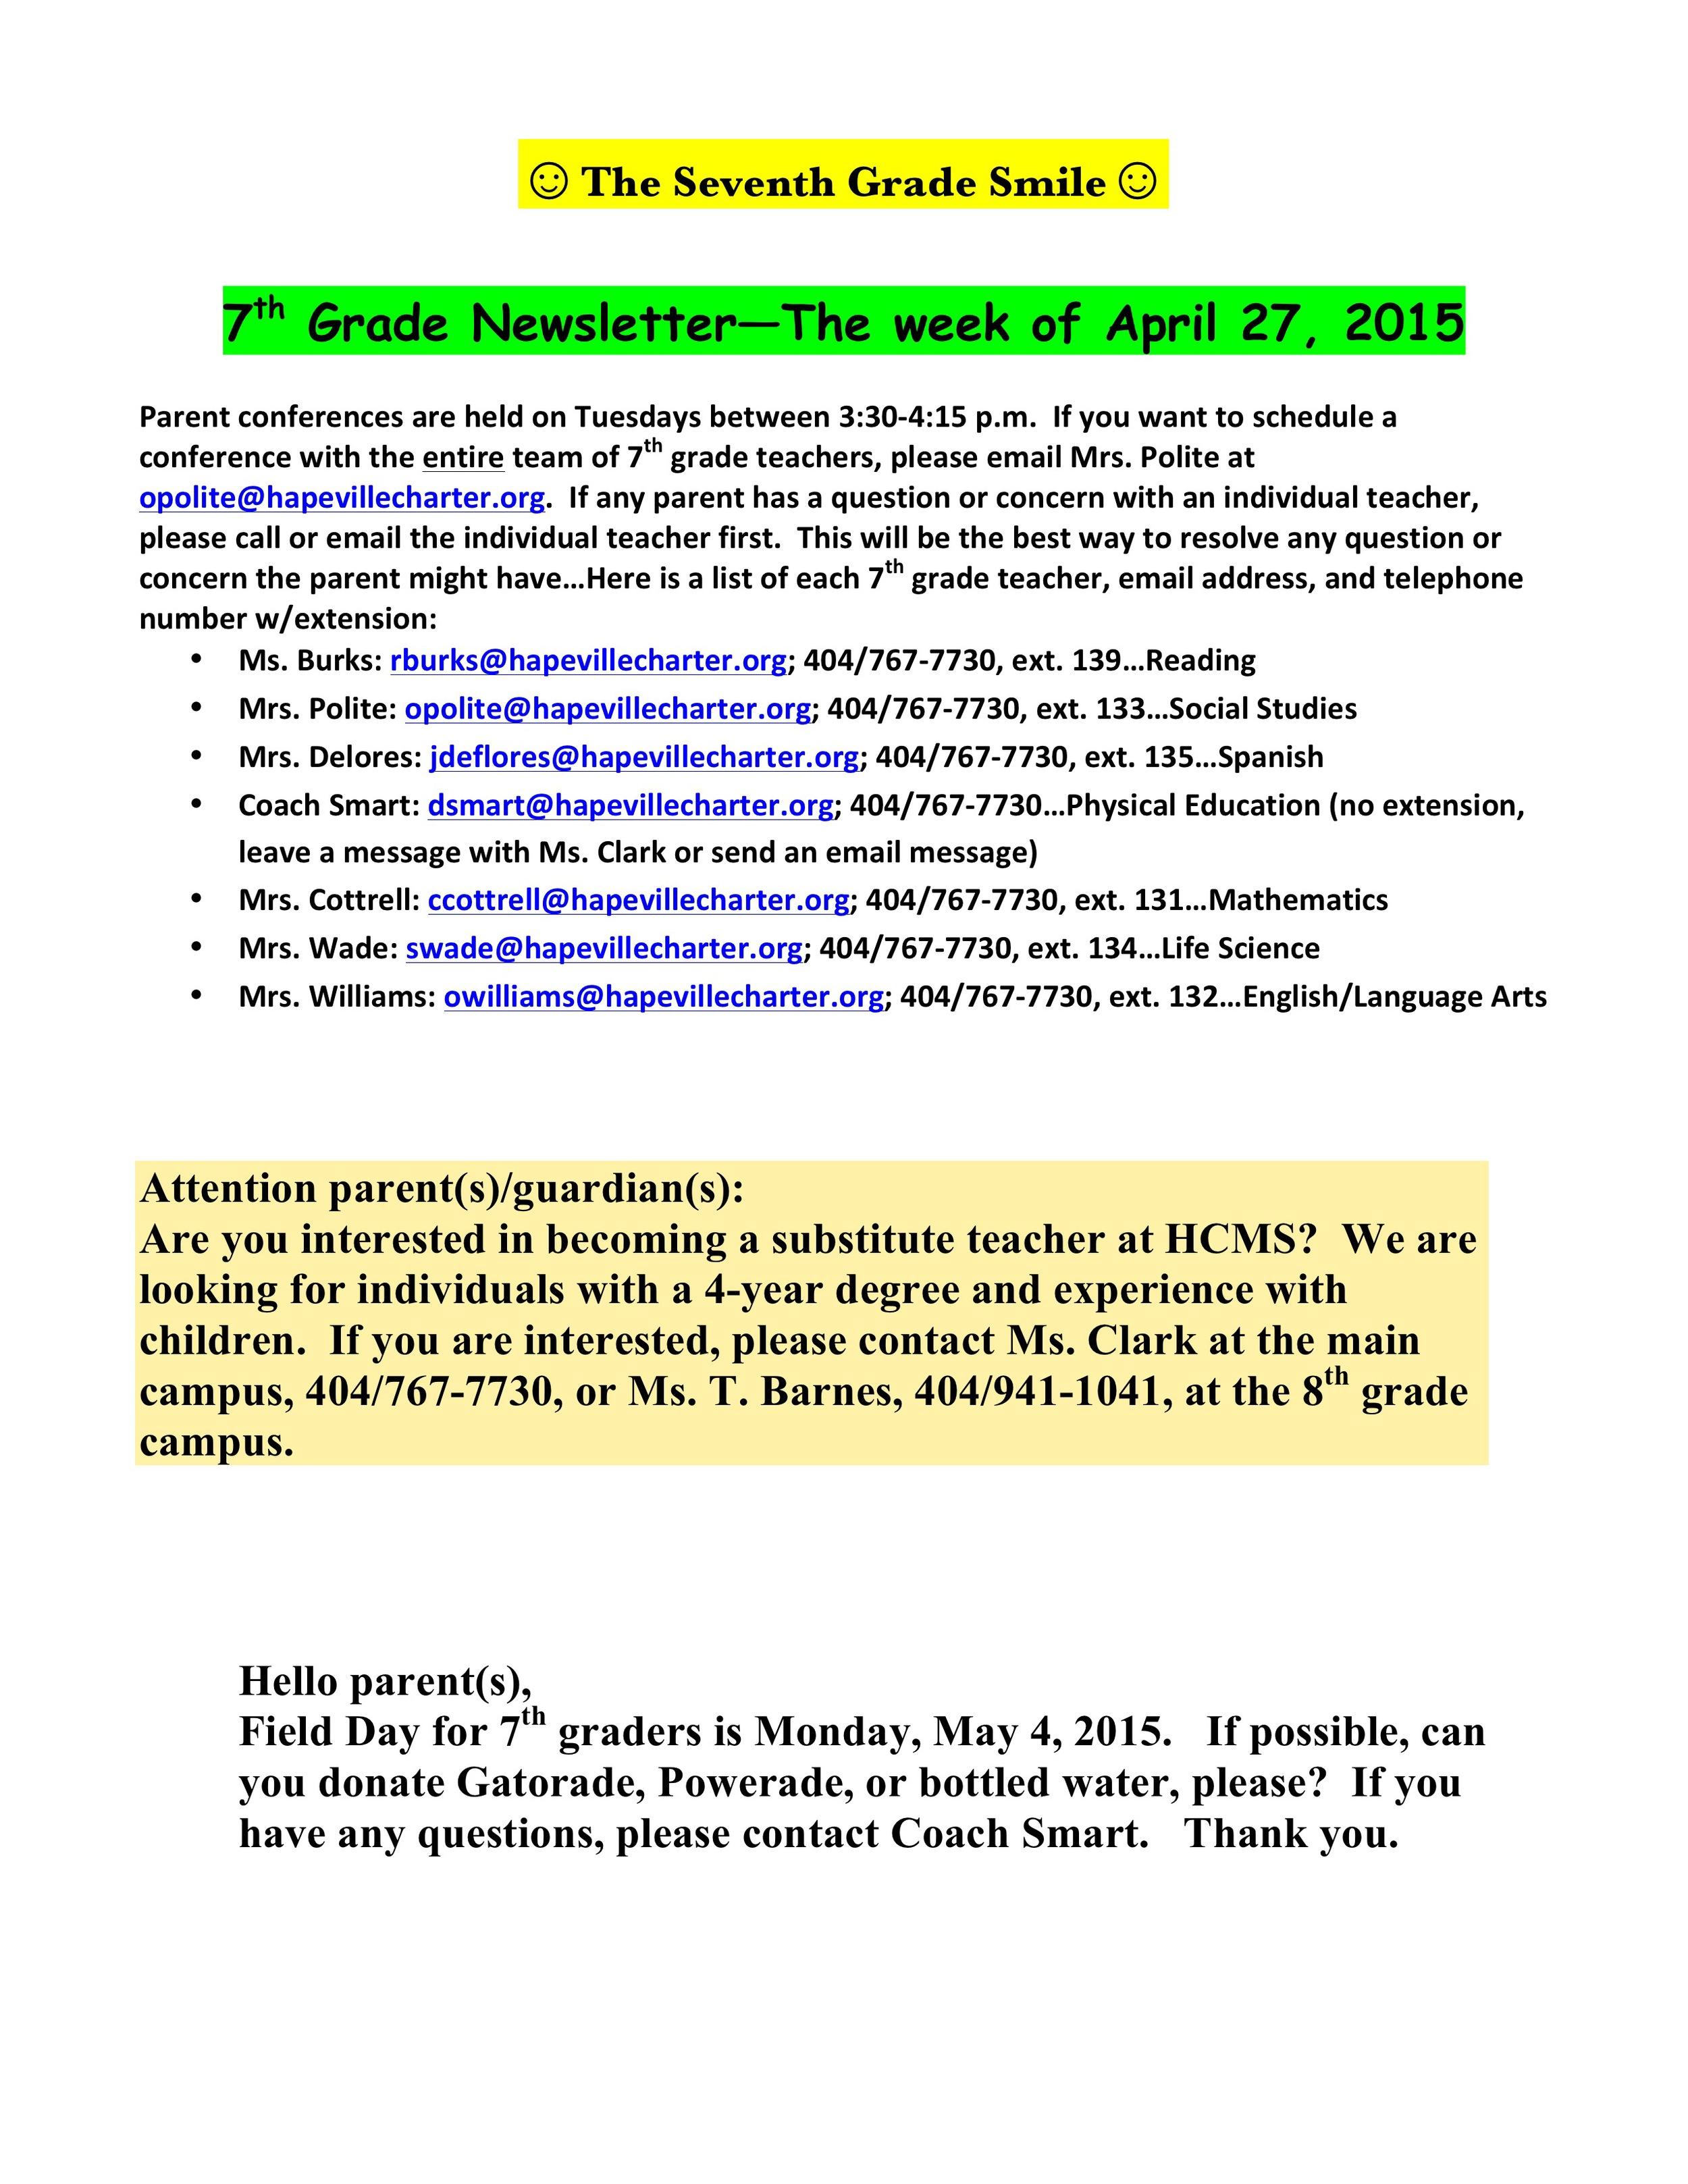 Newsletter Image7th grade April 27.jpeg